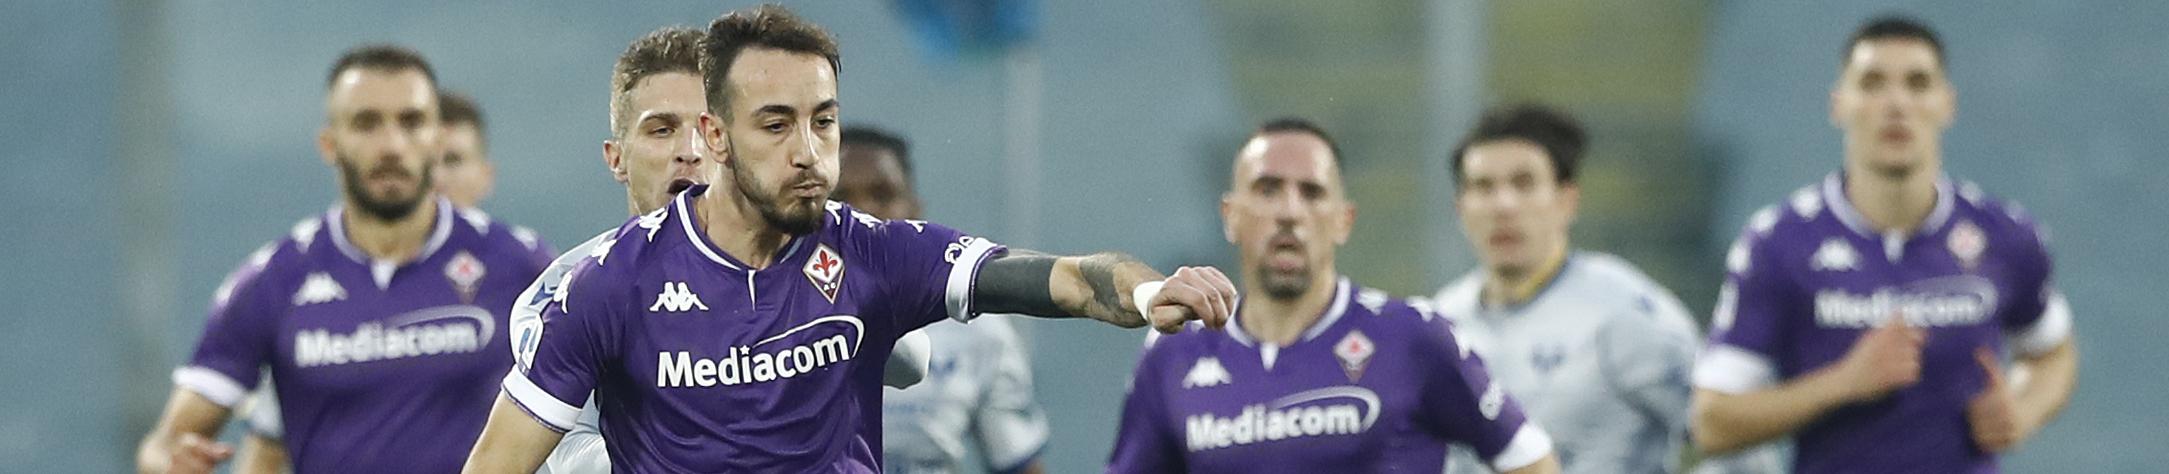 Verona-Fiorentina, la Viola deve assolutamente riattaccare la spina